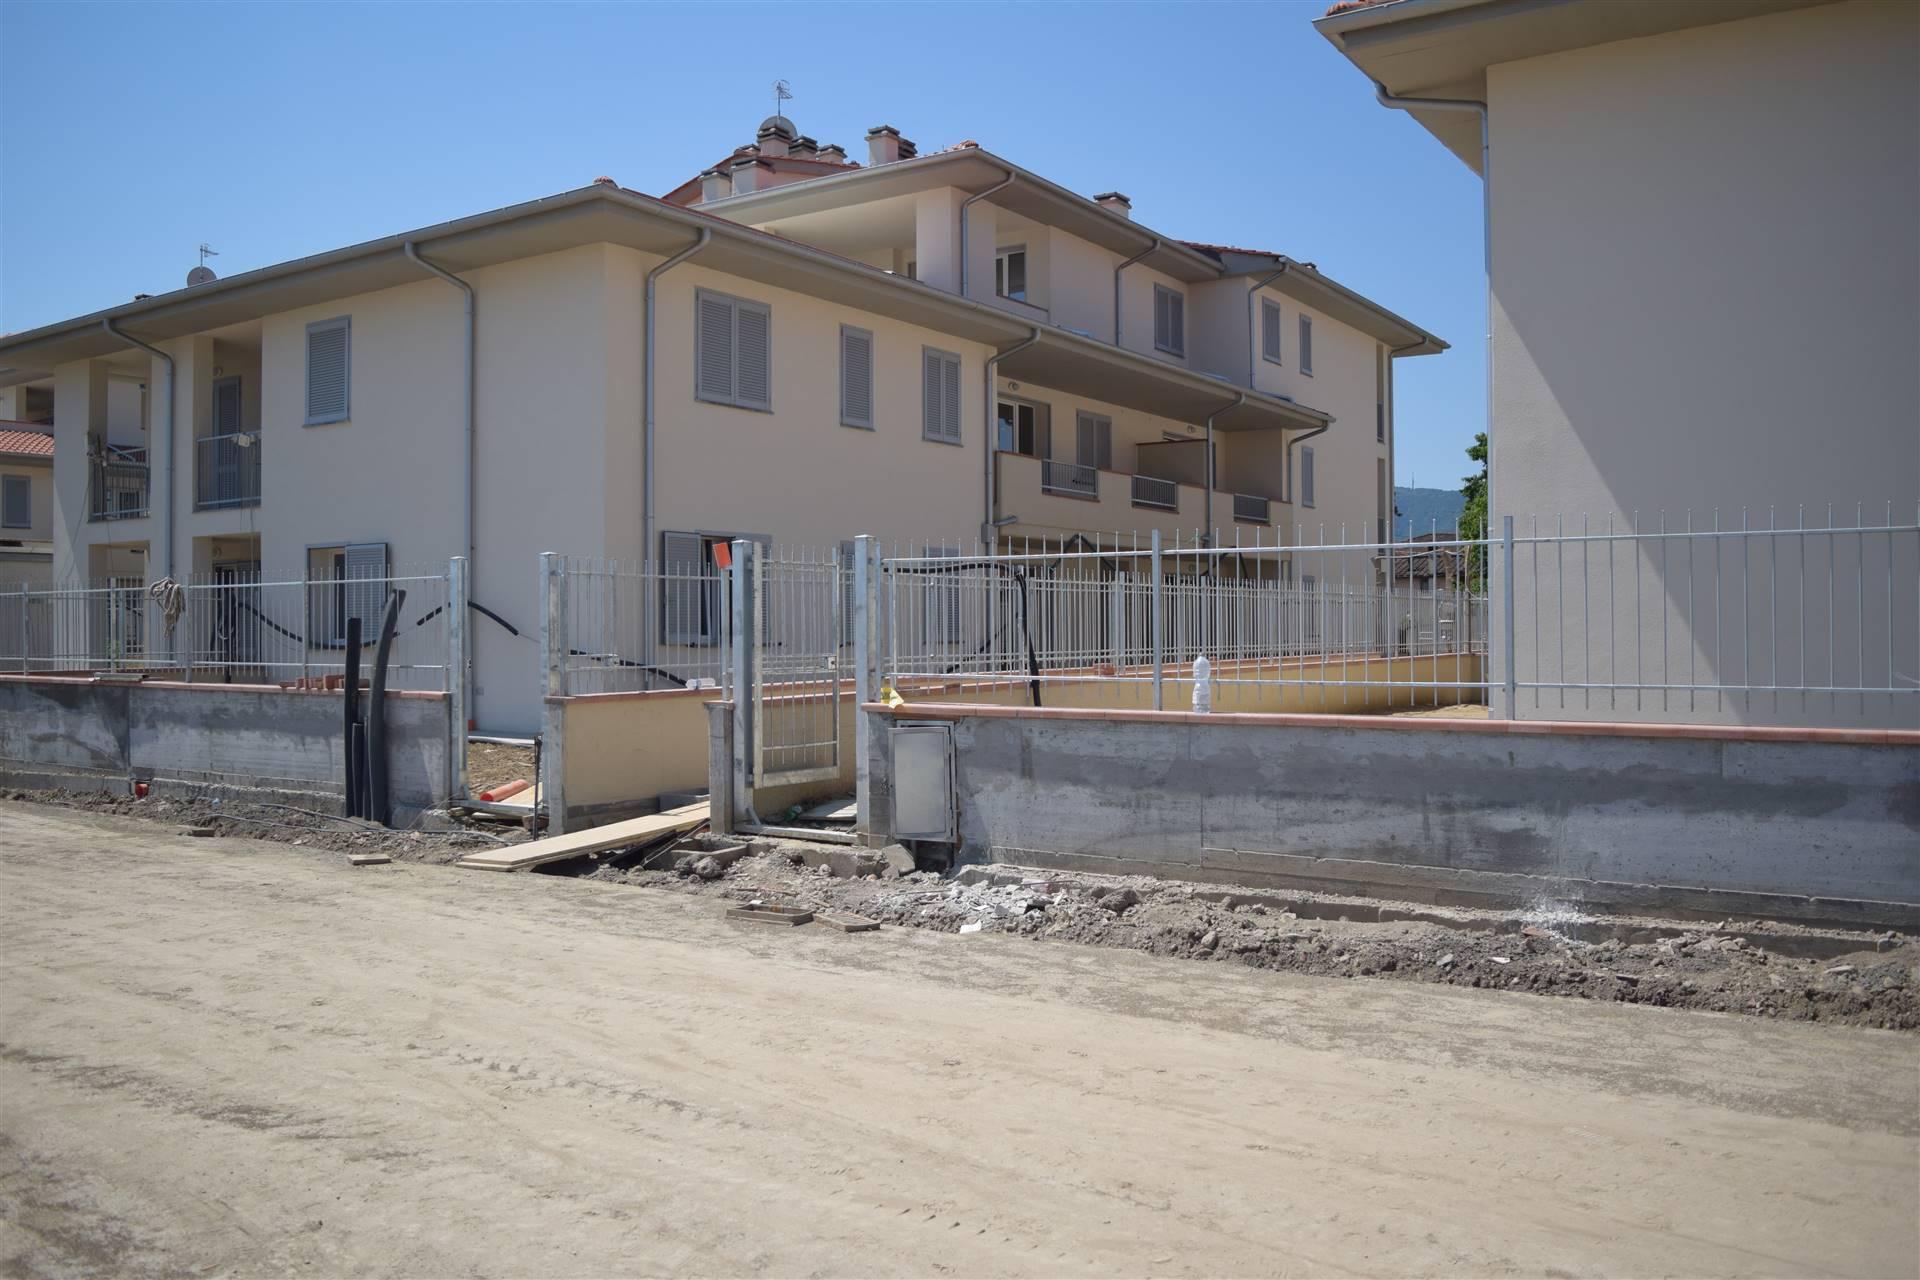 Appartamento in vendita a Quarrata, 4 locali, zona Zona: Casini, prezzo € 190.000 | CambioCasa.it